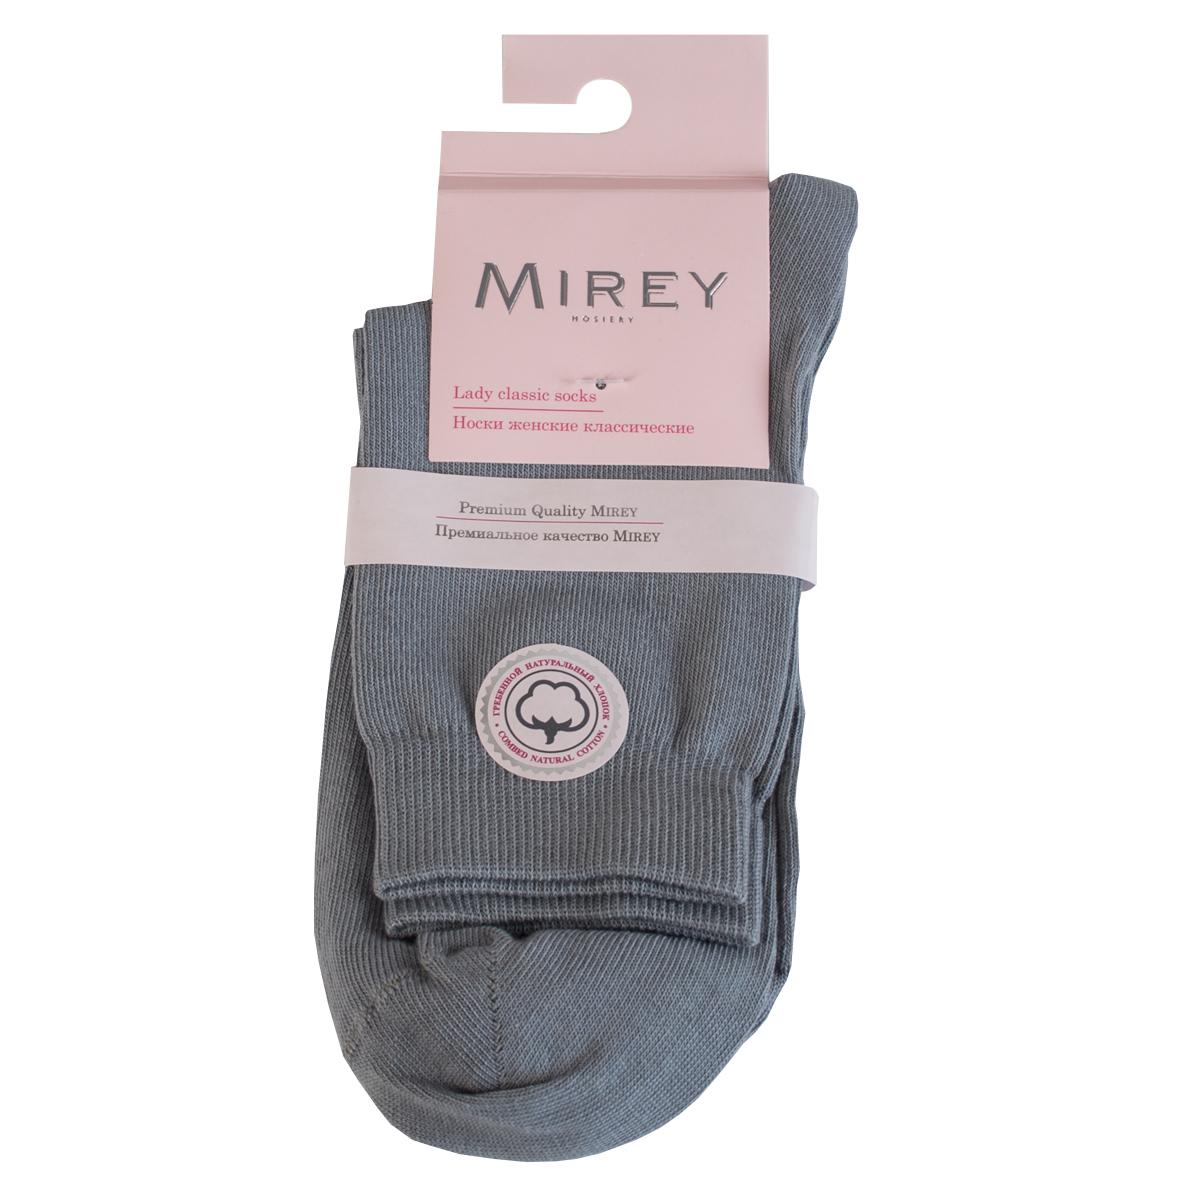 Носки женские Mirey, цвет: светло-серый. MSC 007. Размер (38/40)MSC 007Классические женские носки от Mirey выполнены из хлопка с эластаном.Усиленный мысок и пятка, двойная резинка сетка, плоский шов.